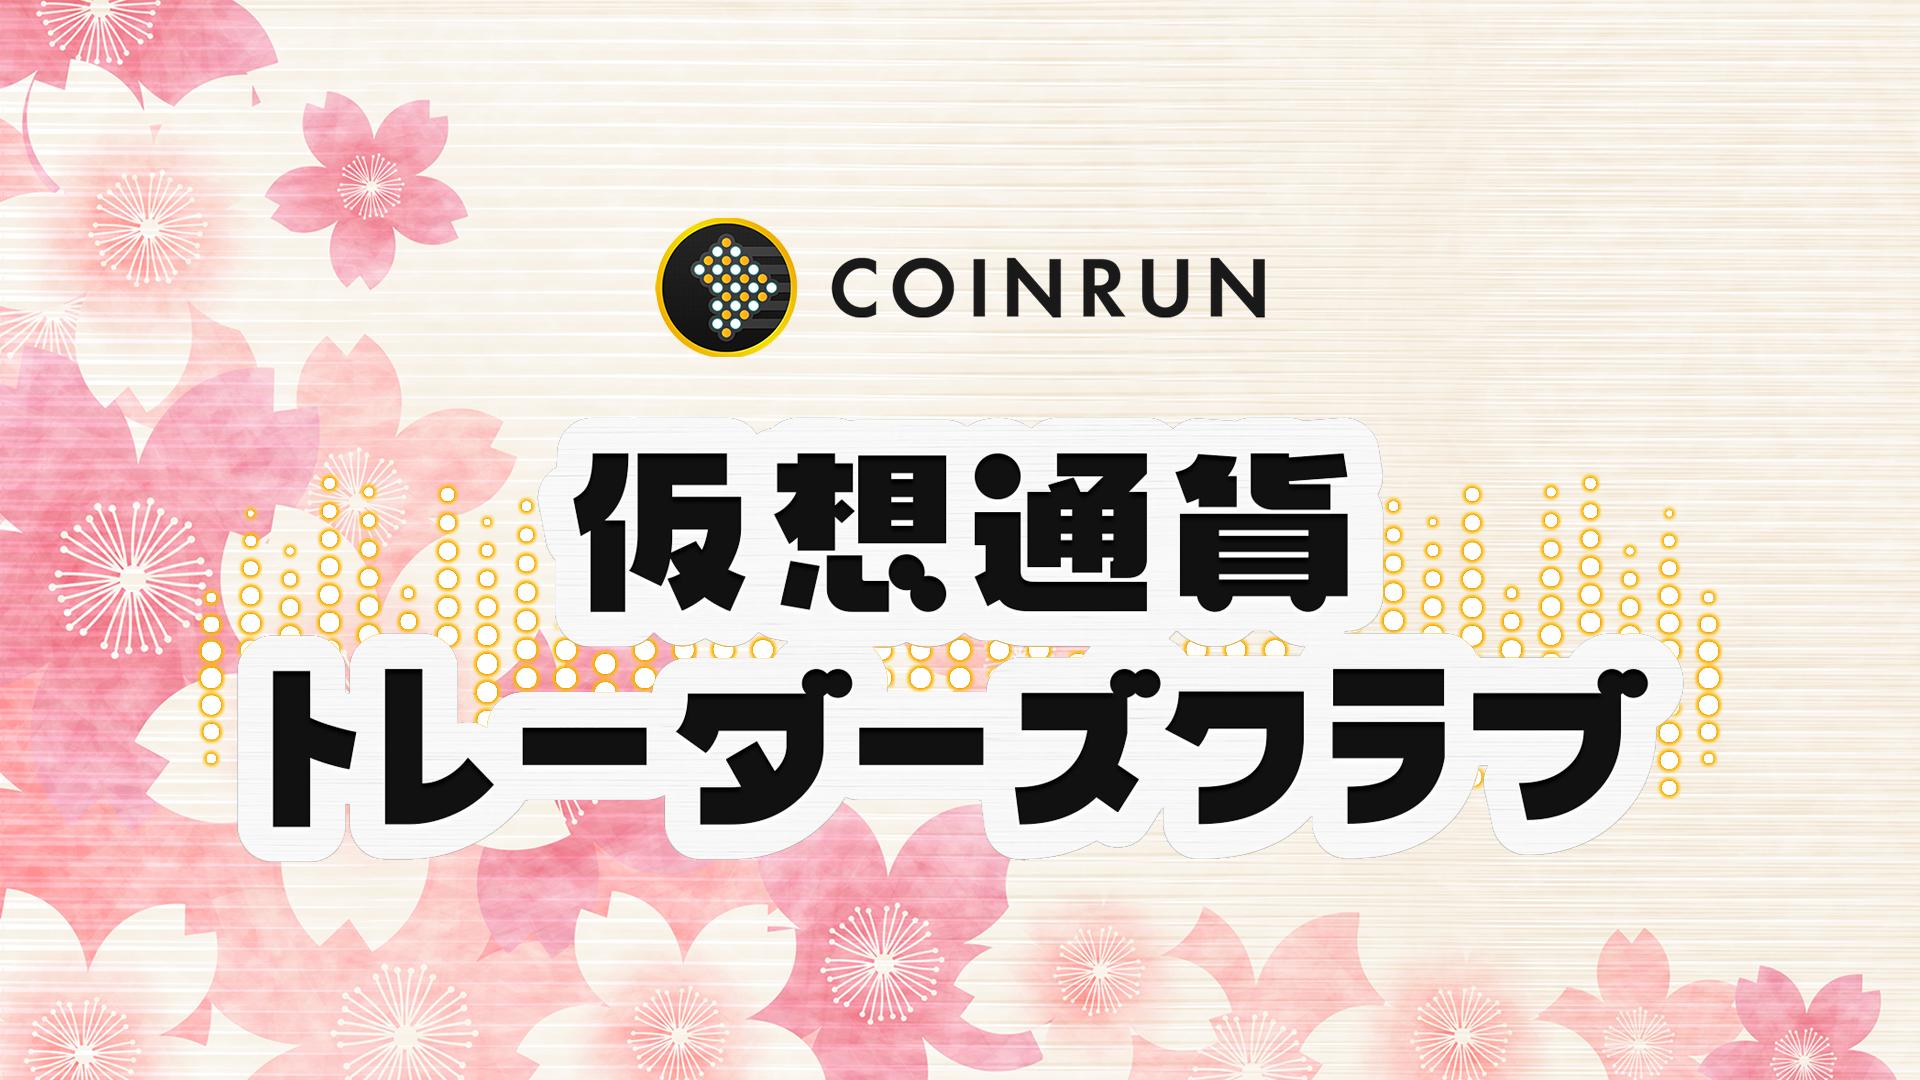 仮想通貨トレーダーズクラブ COINRUN